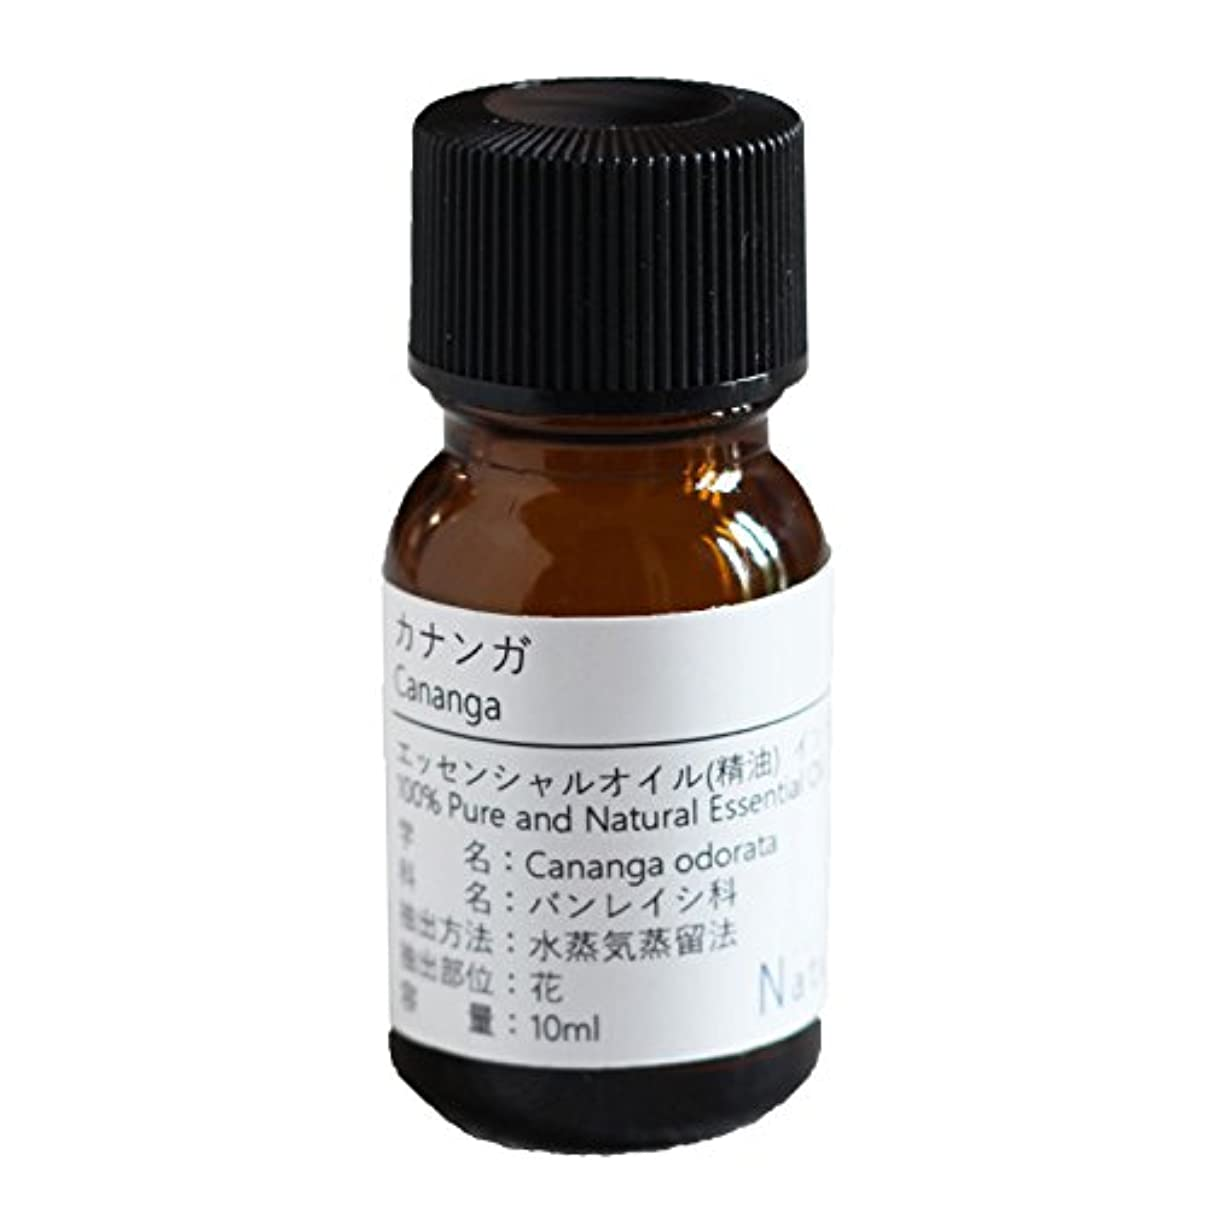 古風な深くせがむNatural蒼 カナンガ/エッセンシャルオイル 精油天然100% (30ml)